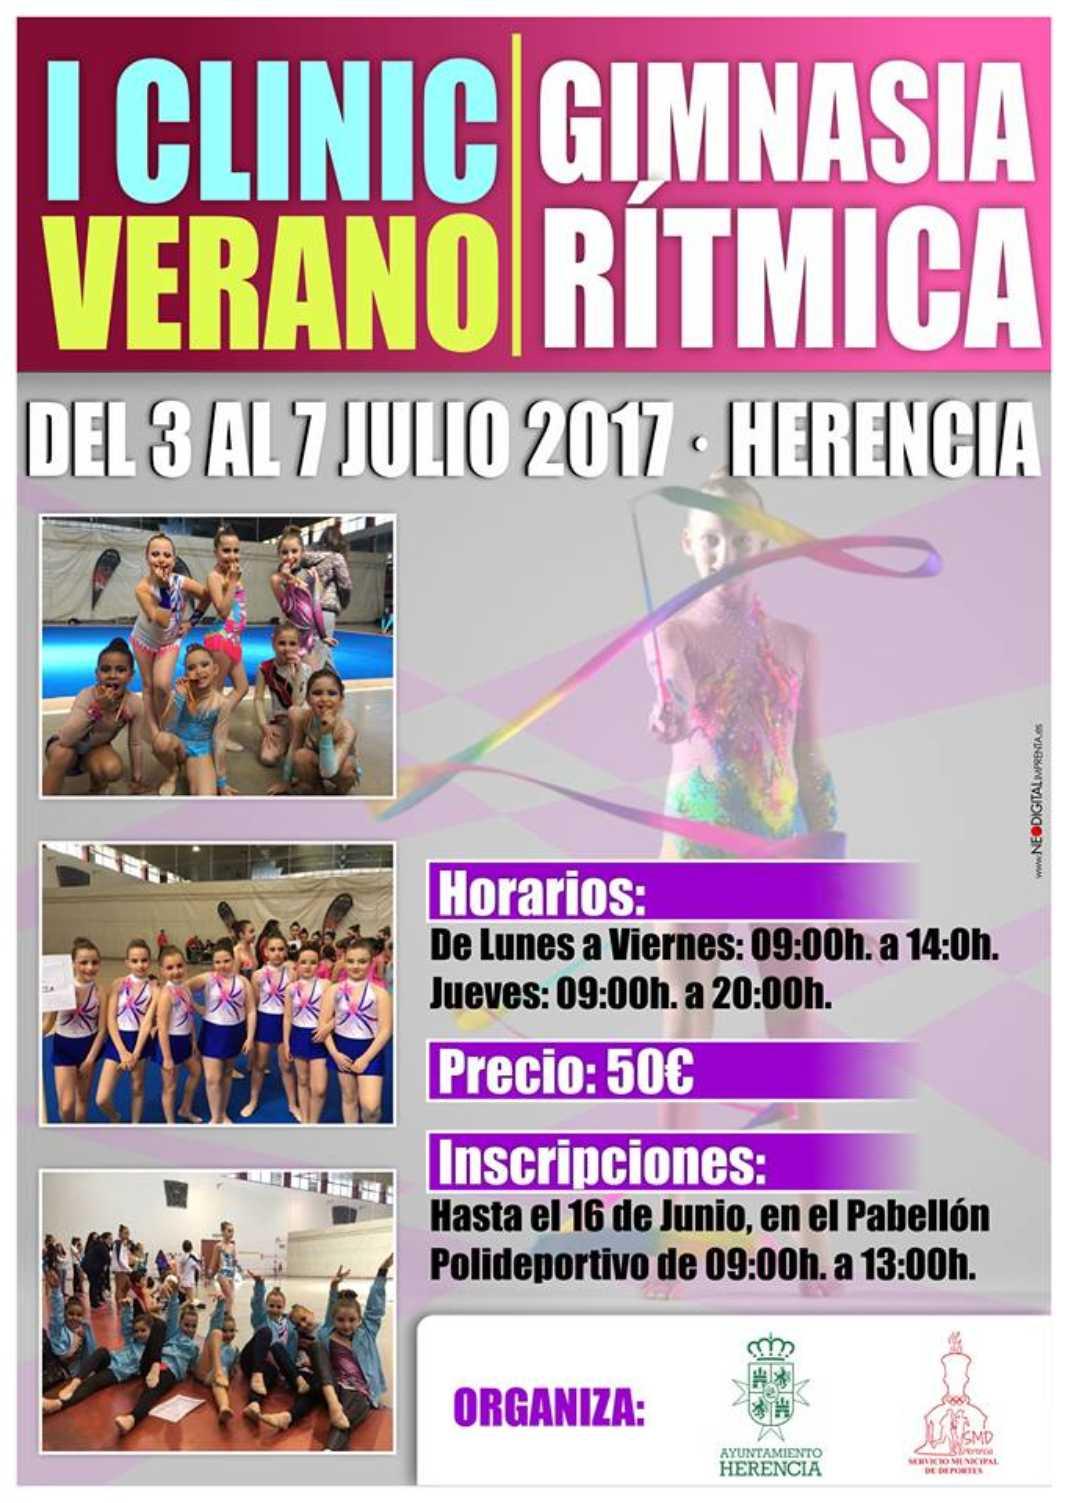 Este verano tendrá lugar el I Clinic de Gimnasia Rítmica en Herencia 2